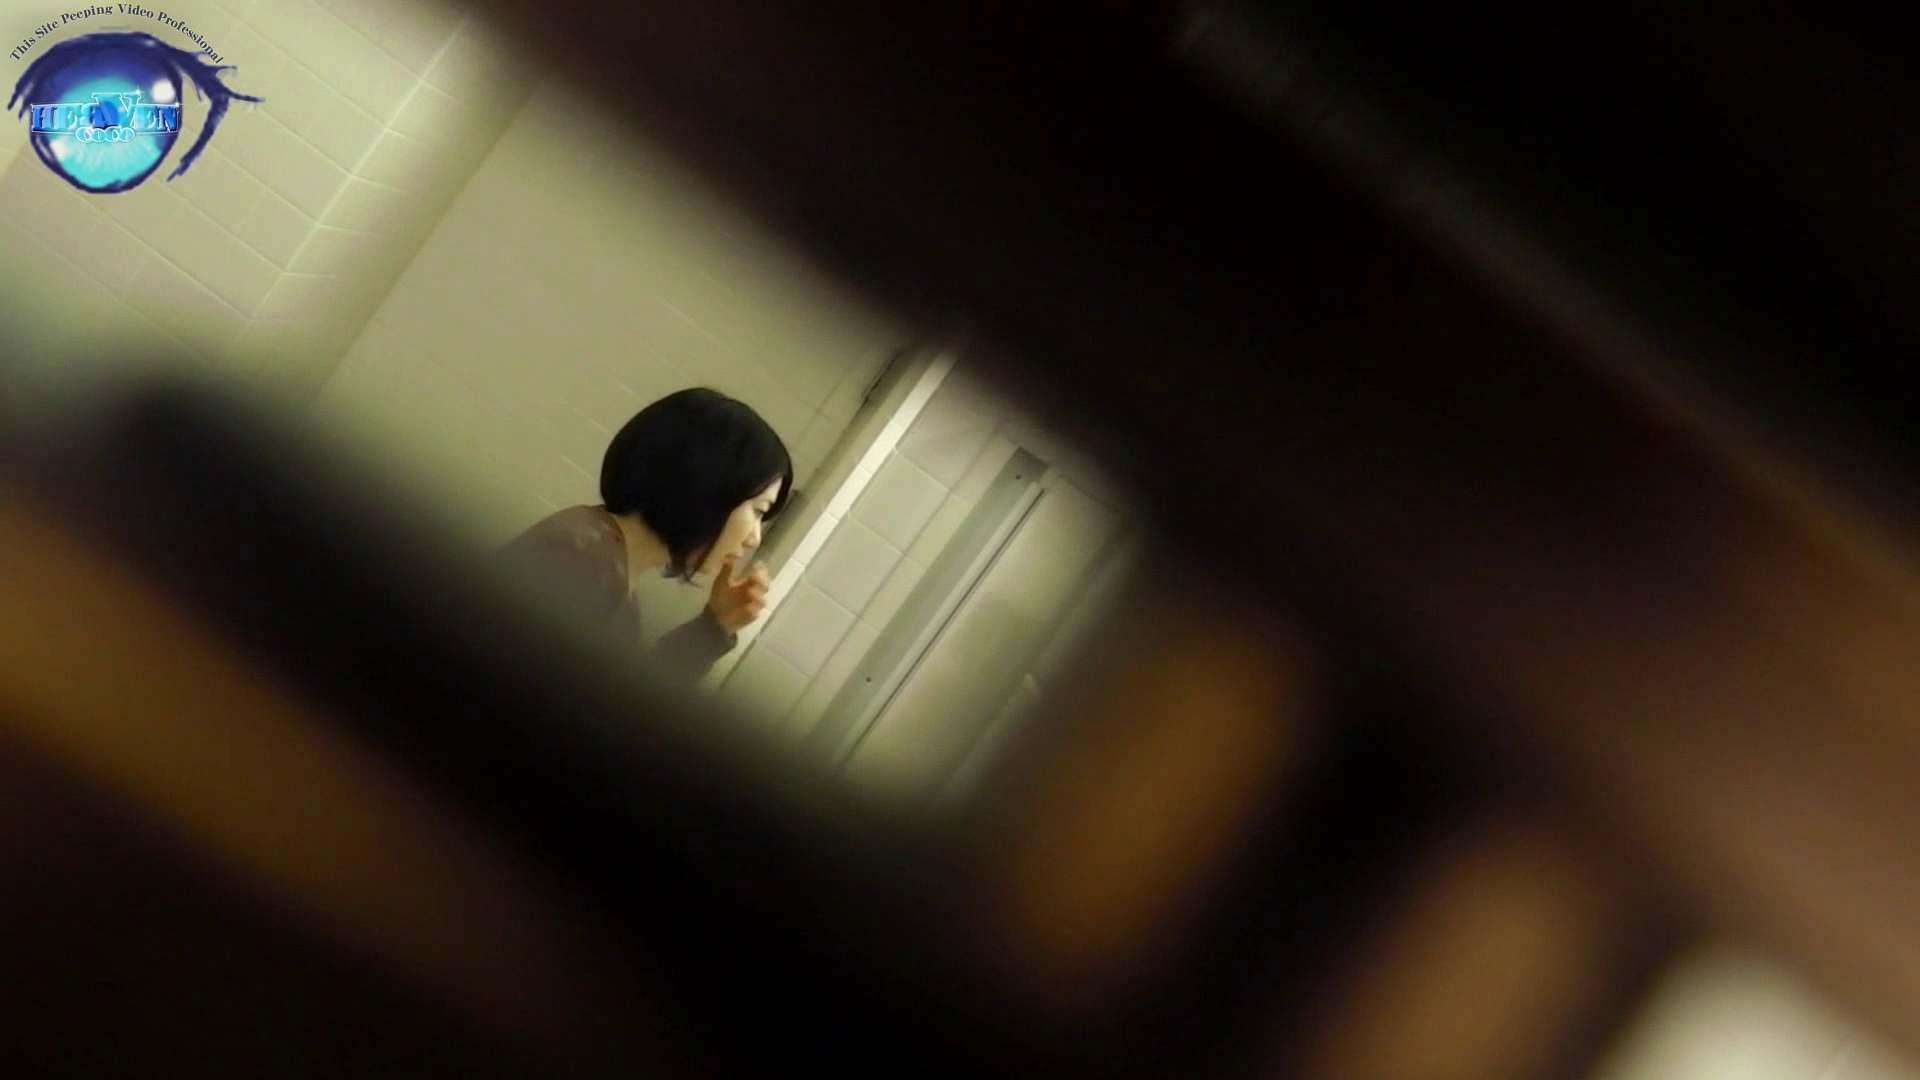 お銀さん vol.59 ピンチ!!「鏡の前で祈る女性」にばれる危機 前編 美人   OL女体  108連発 47